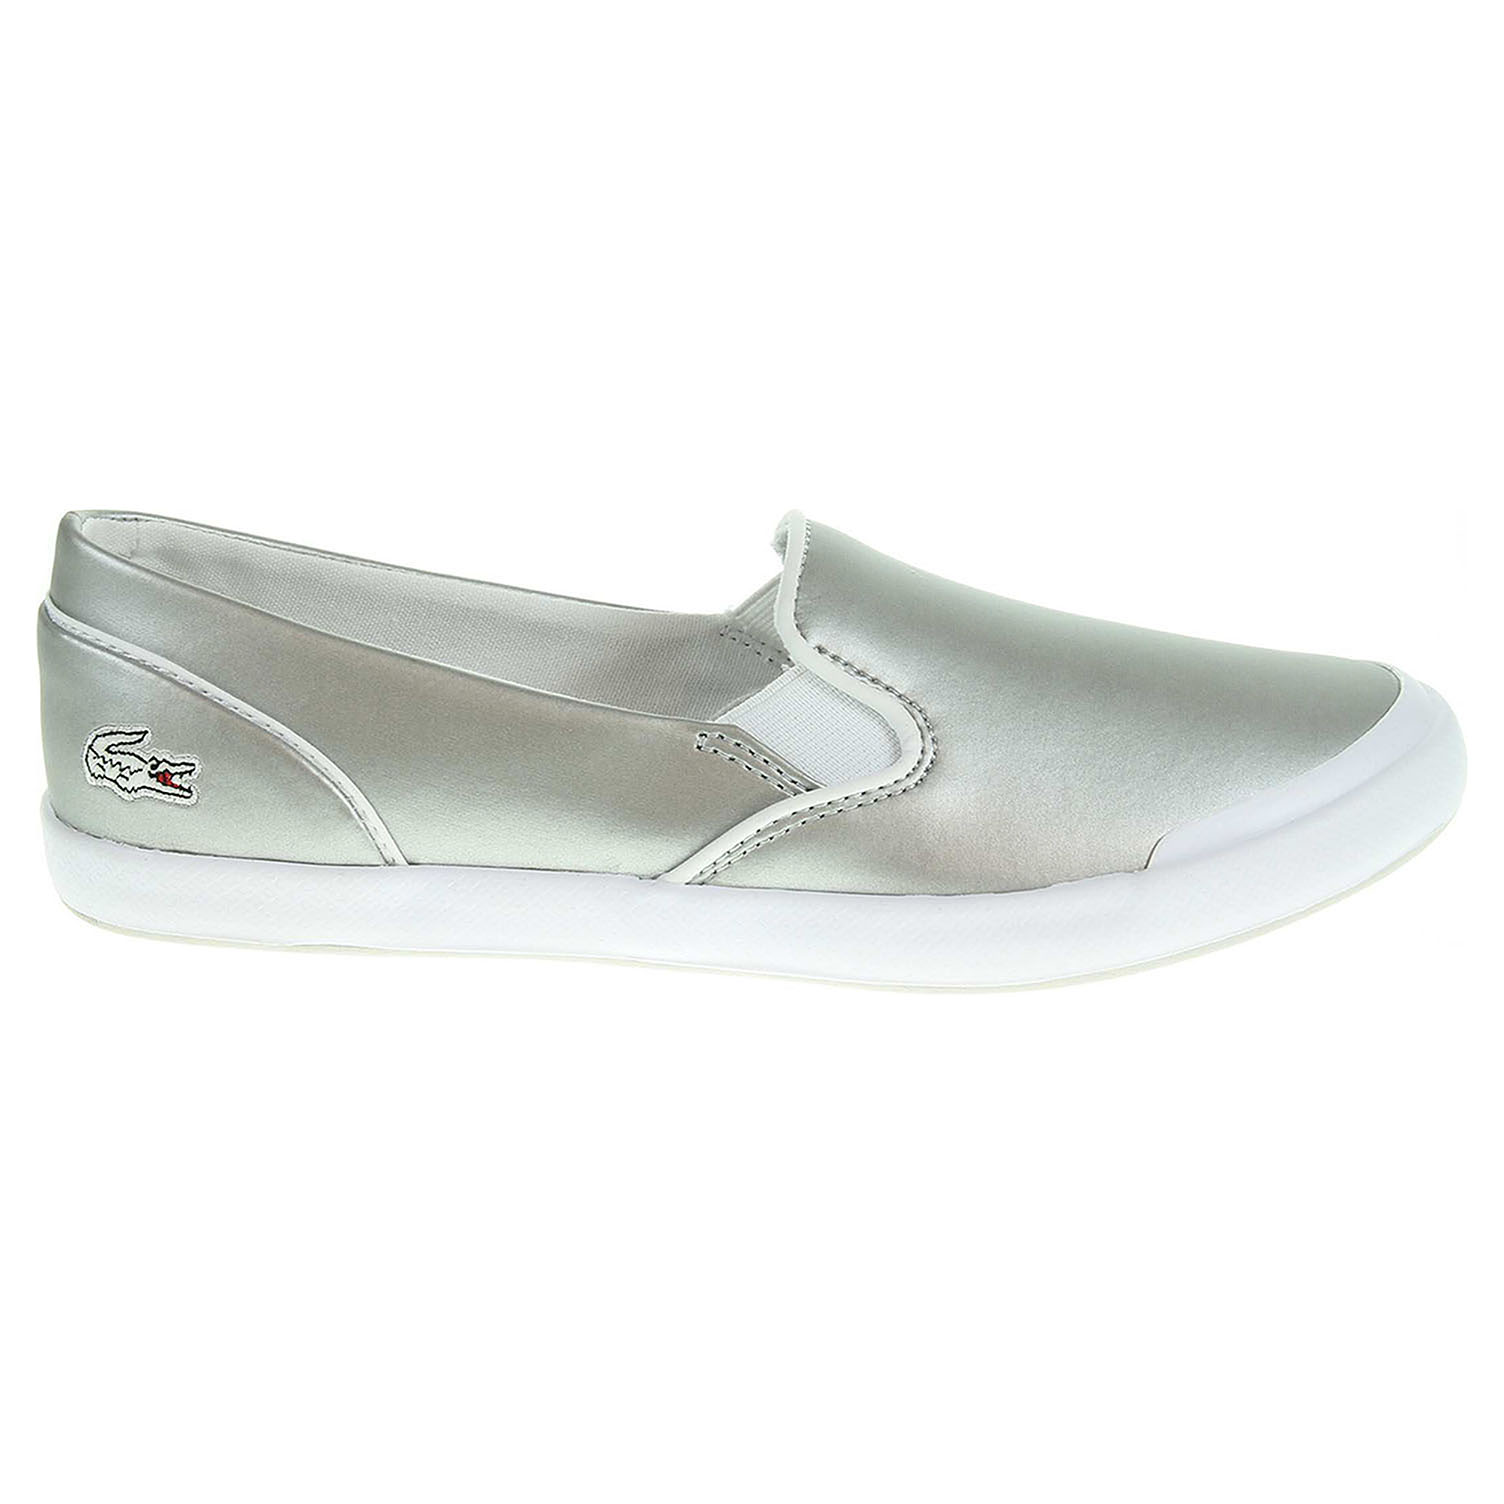 Lacoste Lancelle Slip-On dámská obuv stříbrná 37